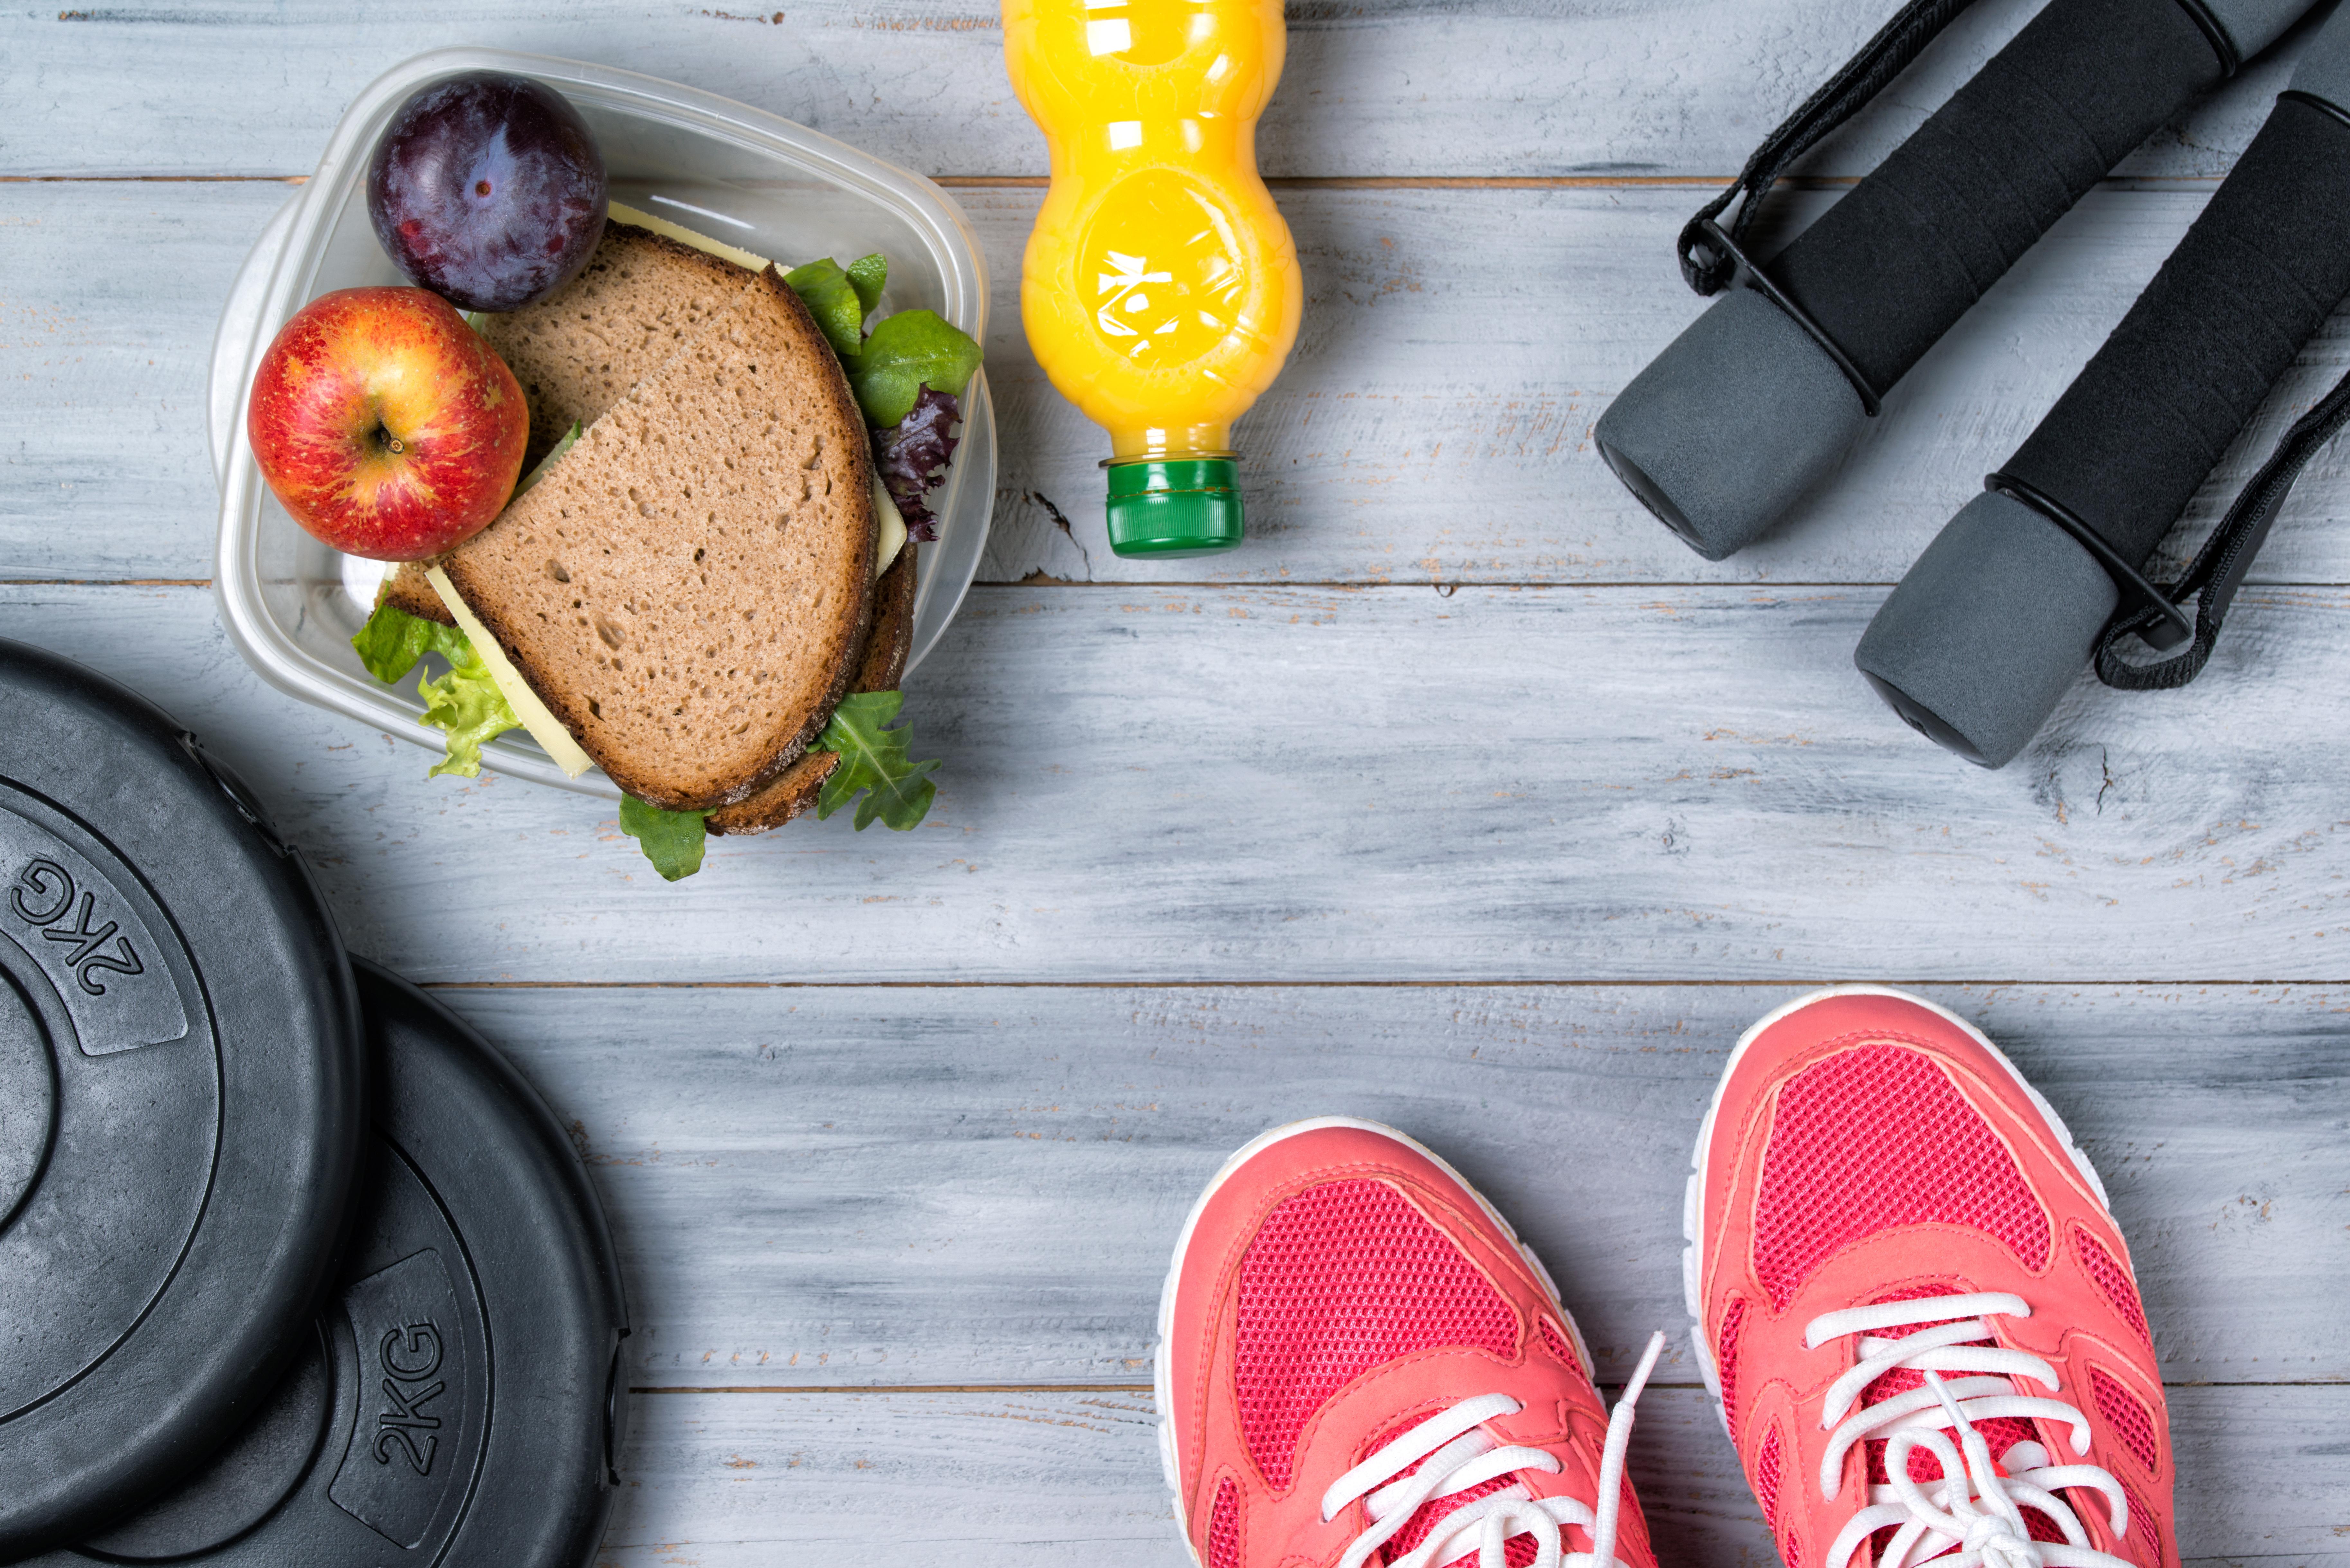 האם חייבים לאכול לפני פעילות גופנית